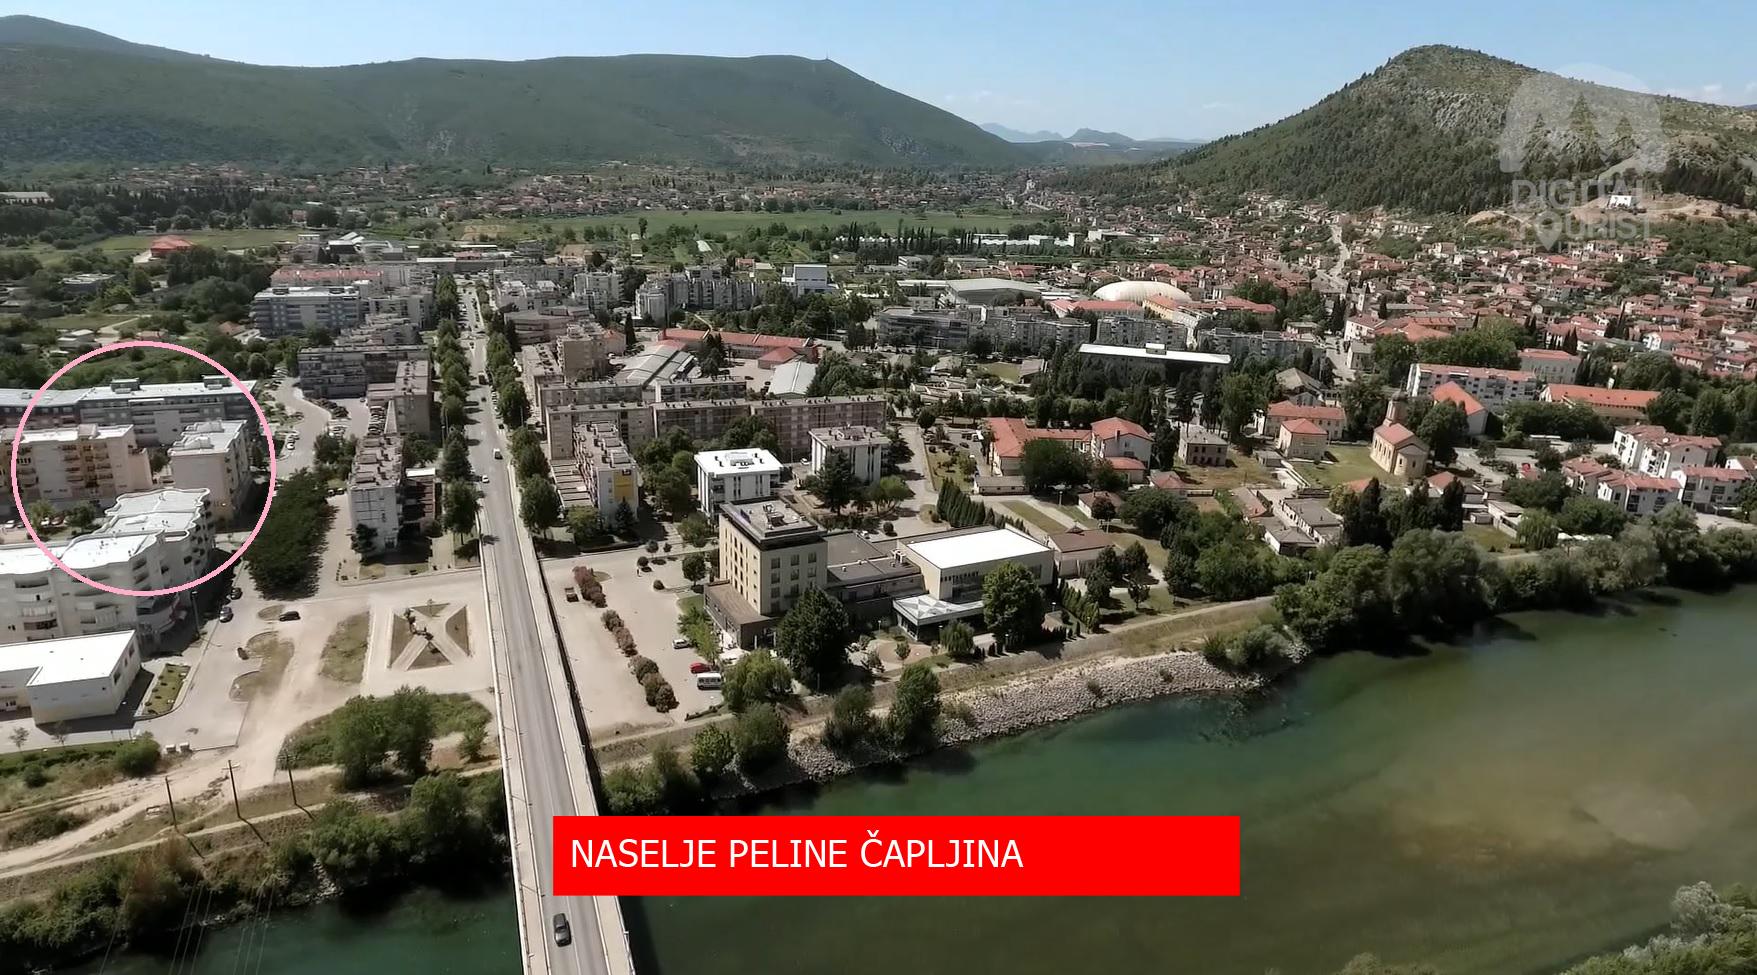 NASELJE_PELINE